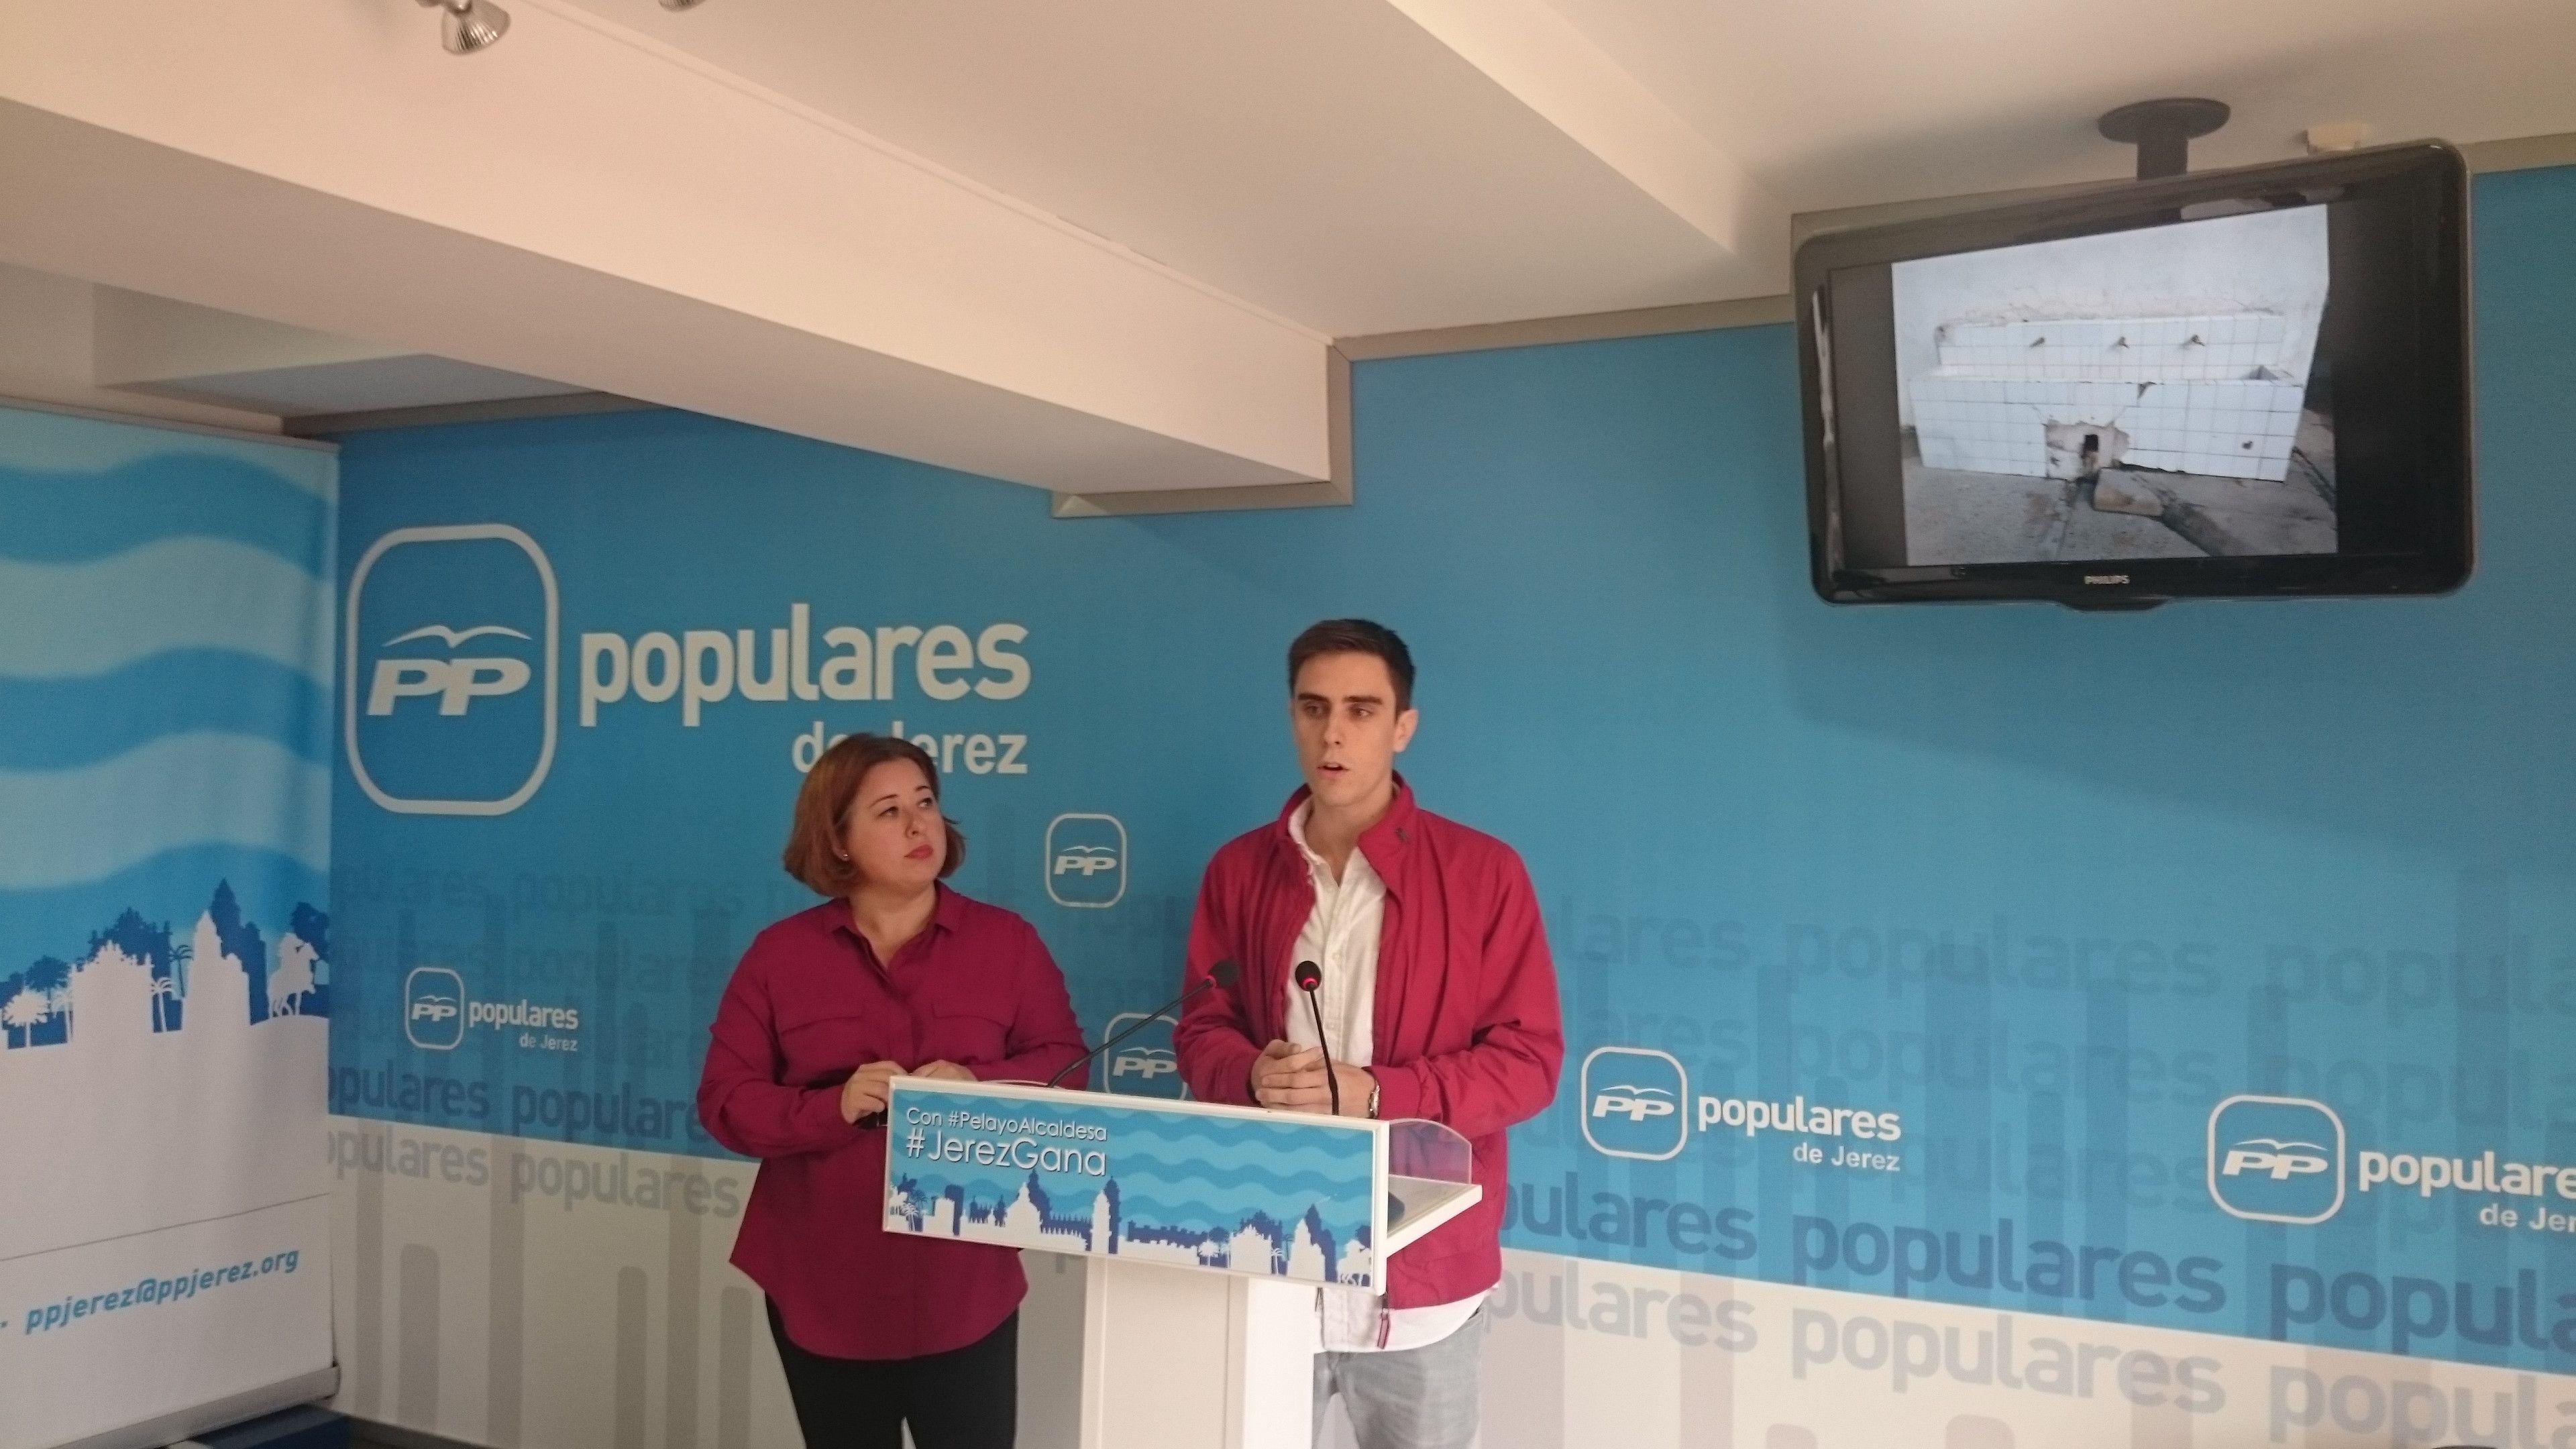 El presidente de NNGG valorando la situación de los jóvenes en Jerez.